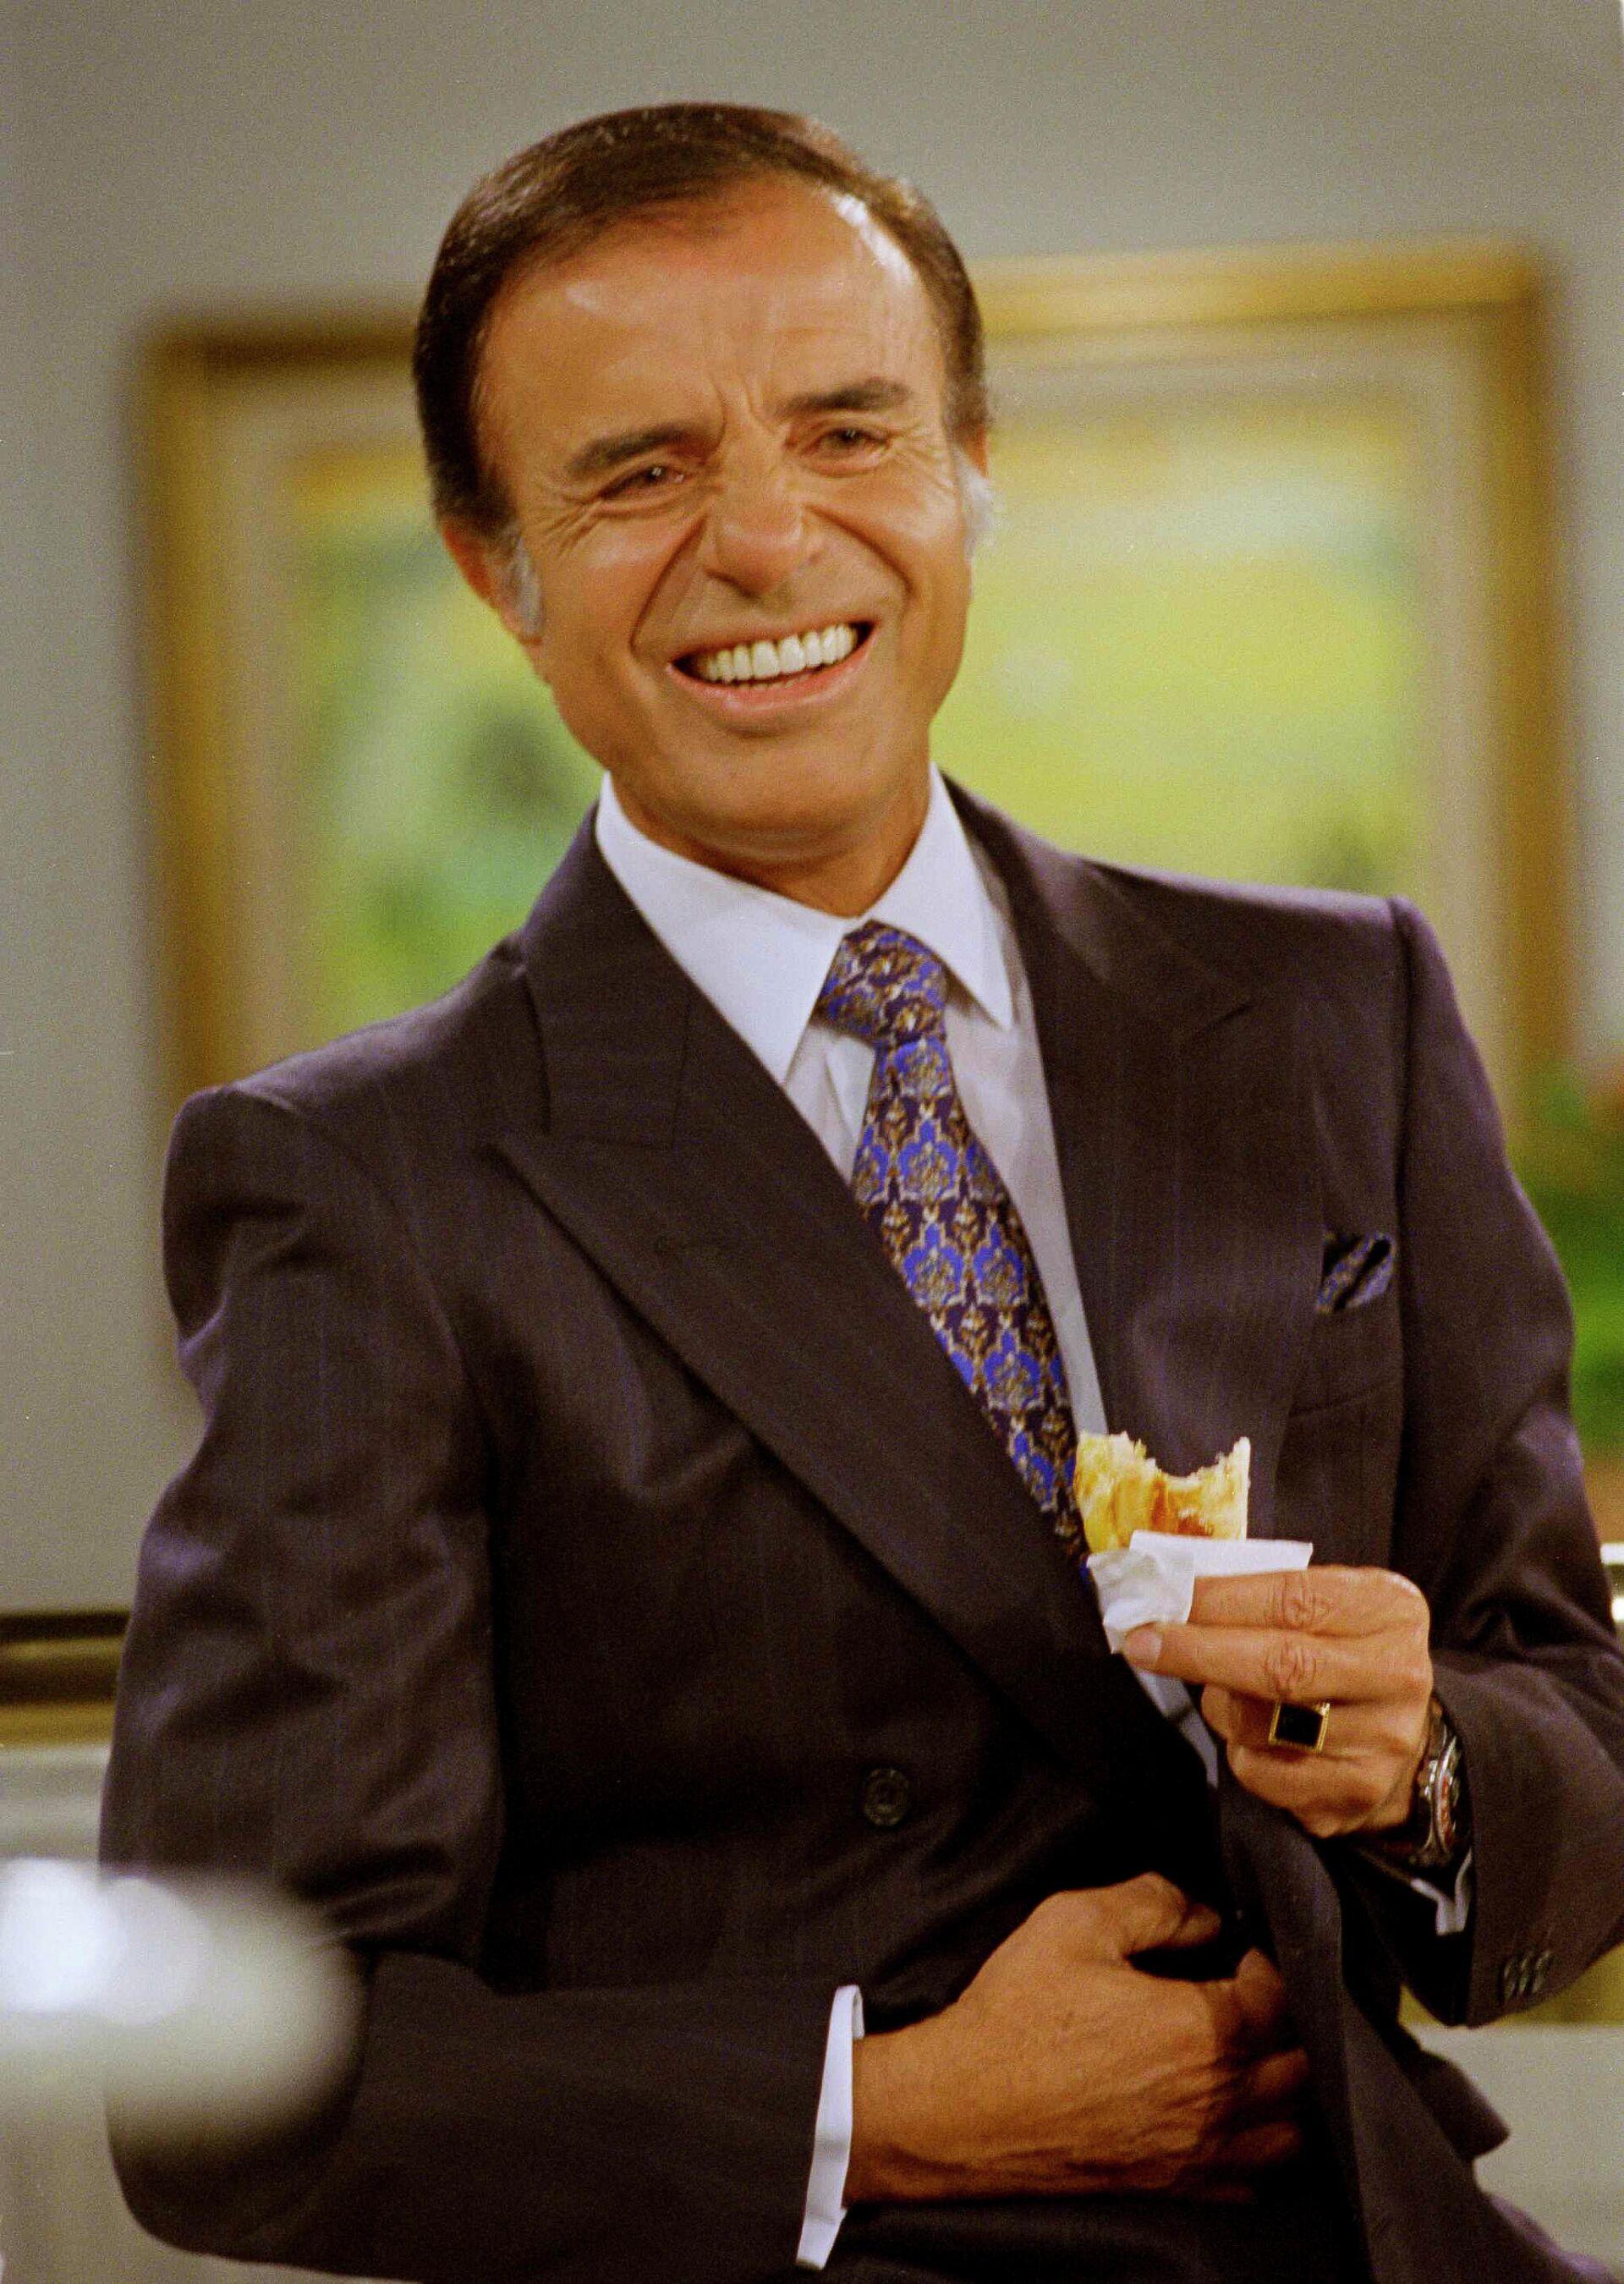 Carlos Menem , con su anillo de oro, comiendo una empanada en un programa de televisión en 1995 - Sputnik Mundo, 1920, 17.02.2021